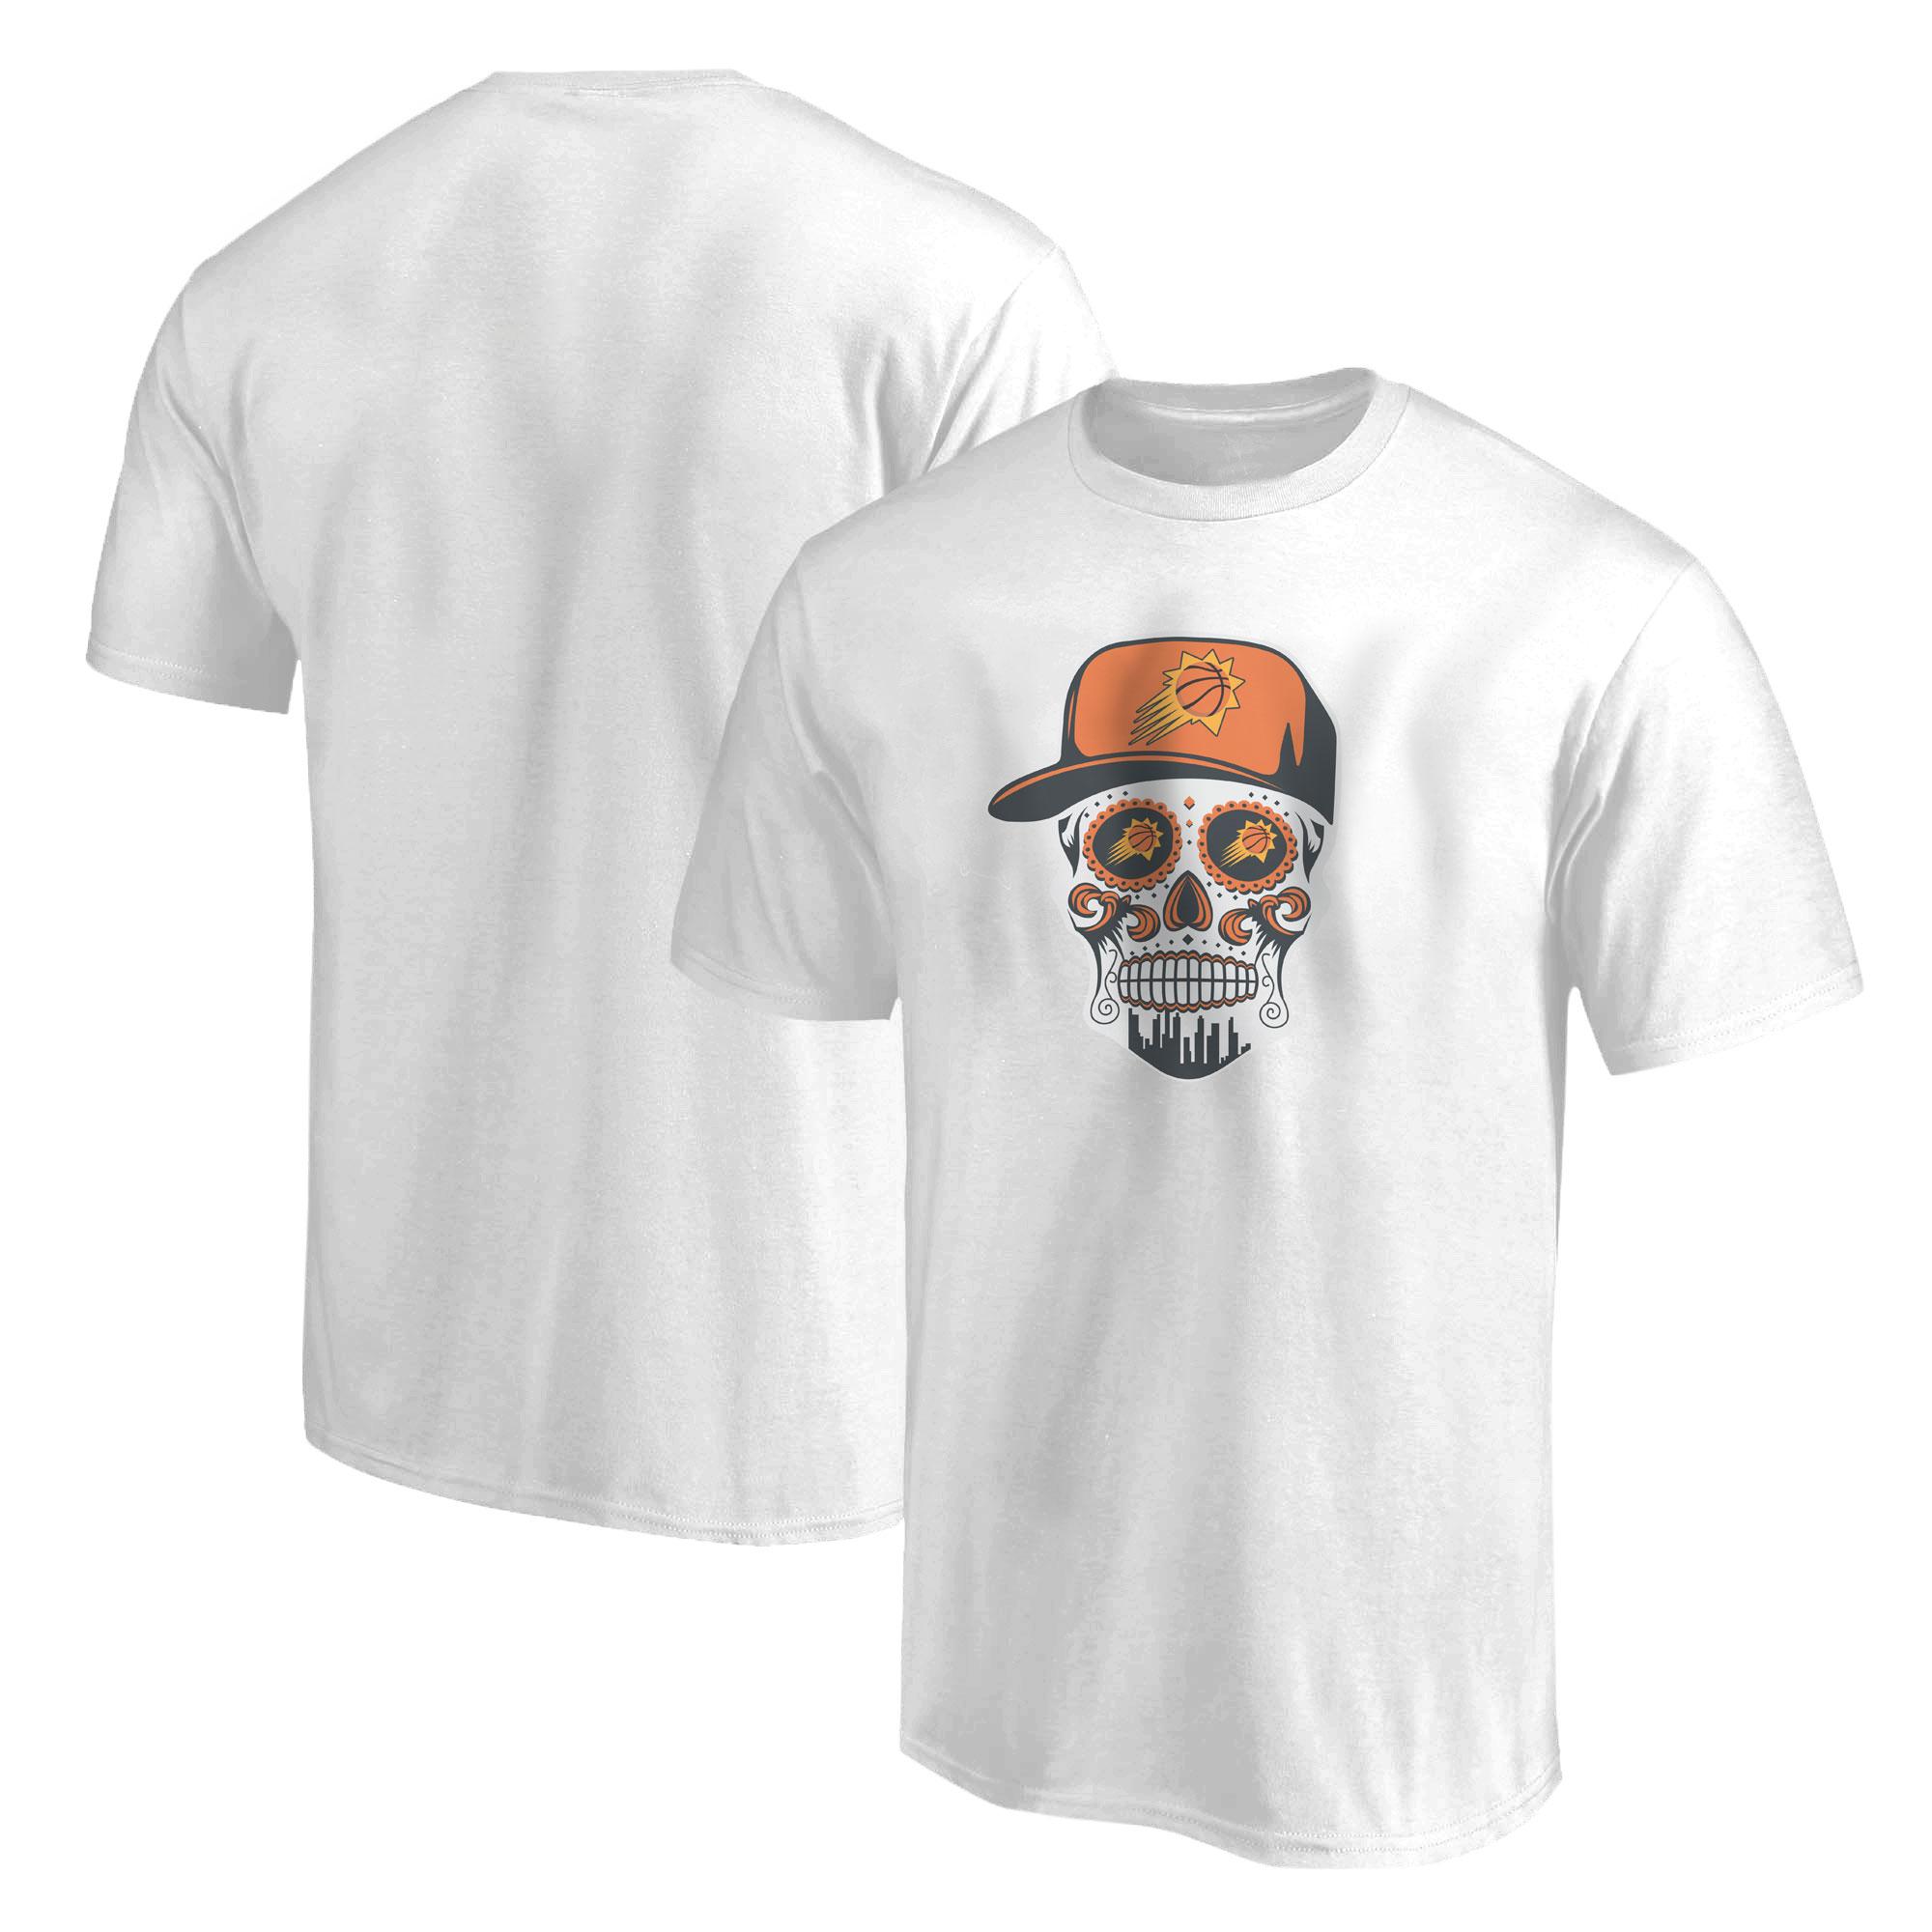 Phoenix Skull Tshirt (TSH-WHT-NP-461-NBA-PHO-SKULL)